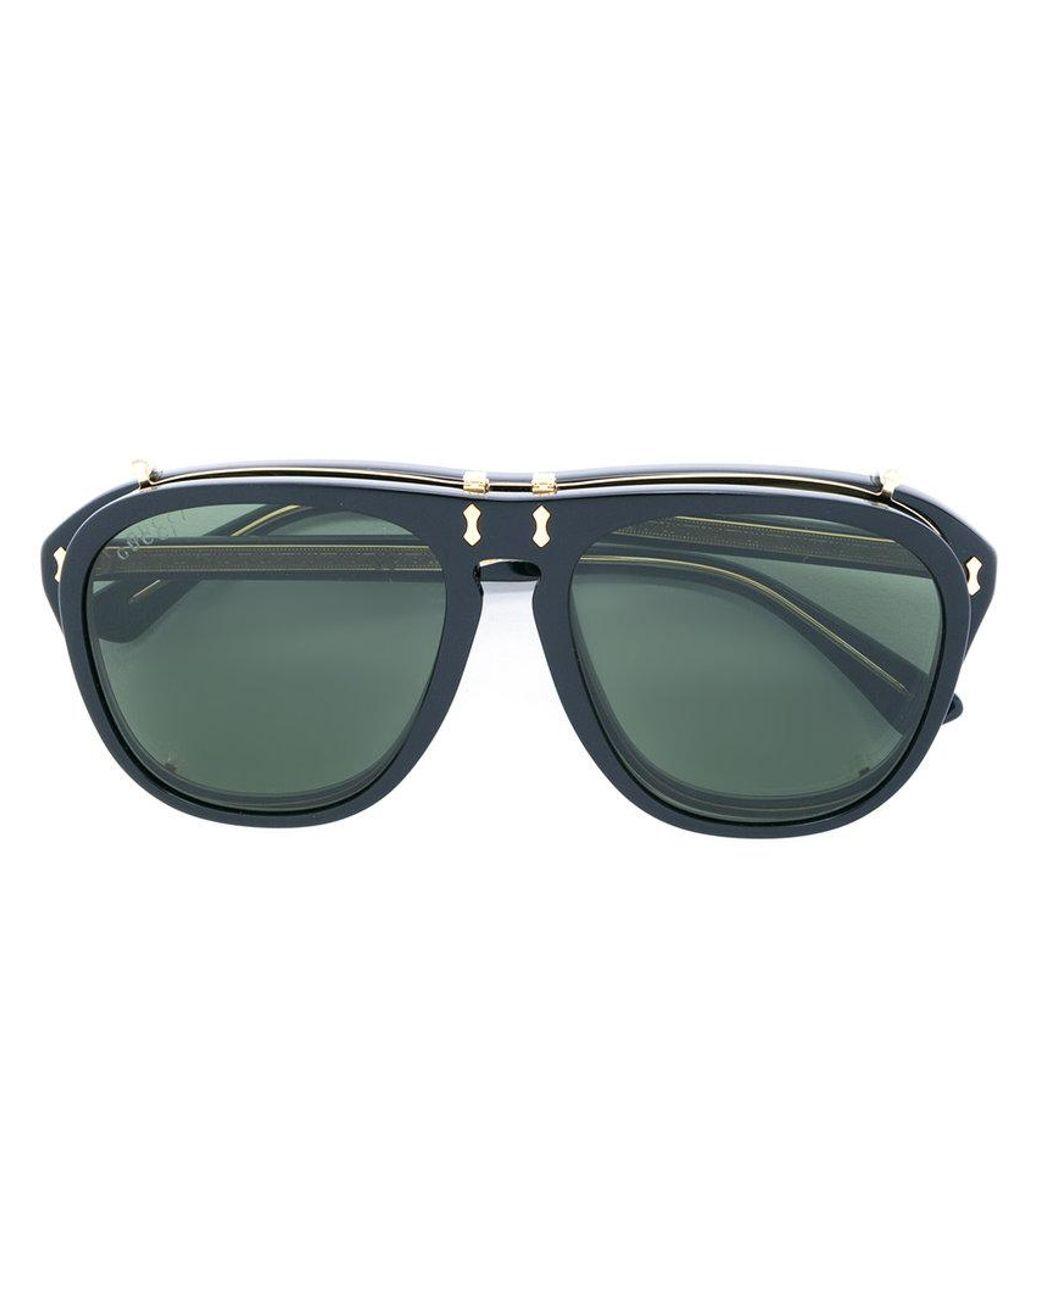 a248fc8f574da Gucci Clip On Lens Convertible Sunglasses in Black for Men - Lyst